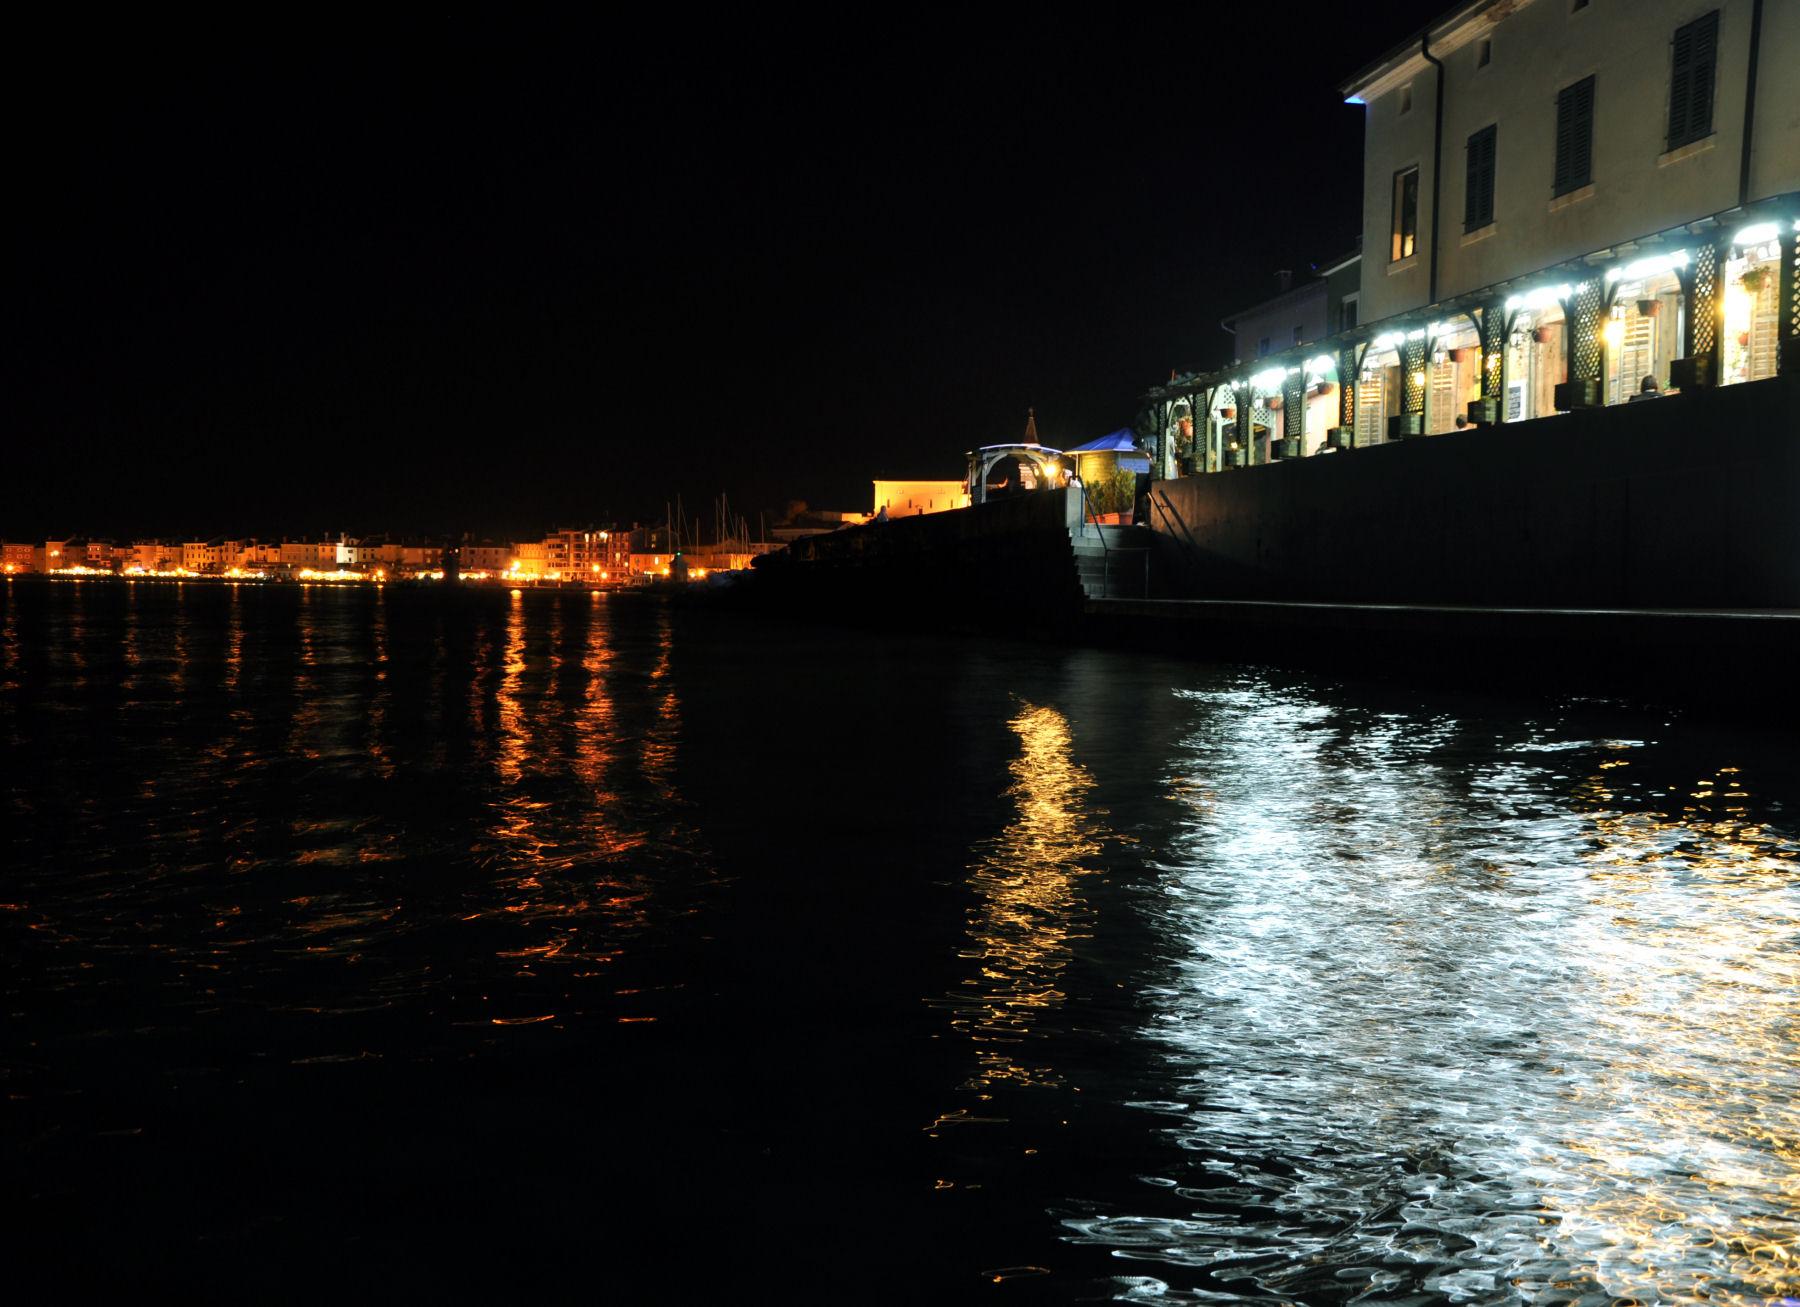 Piran waterfront at night